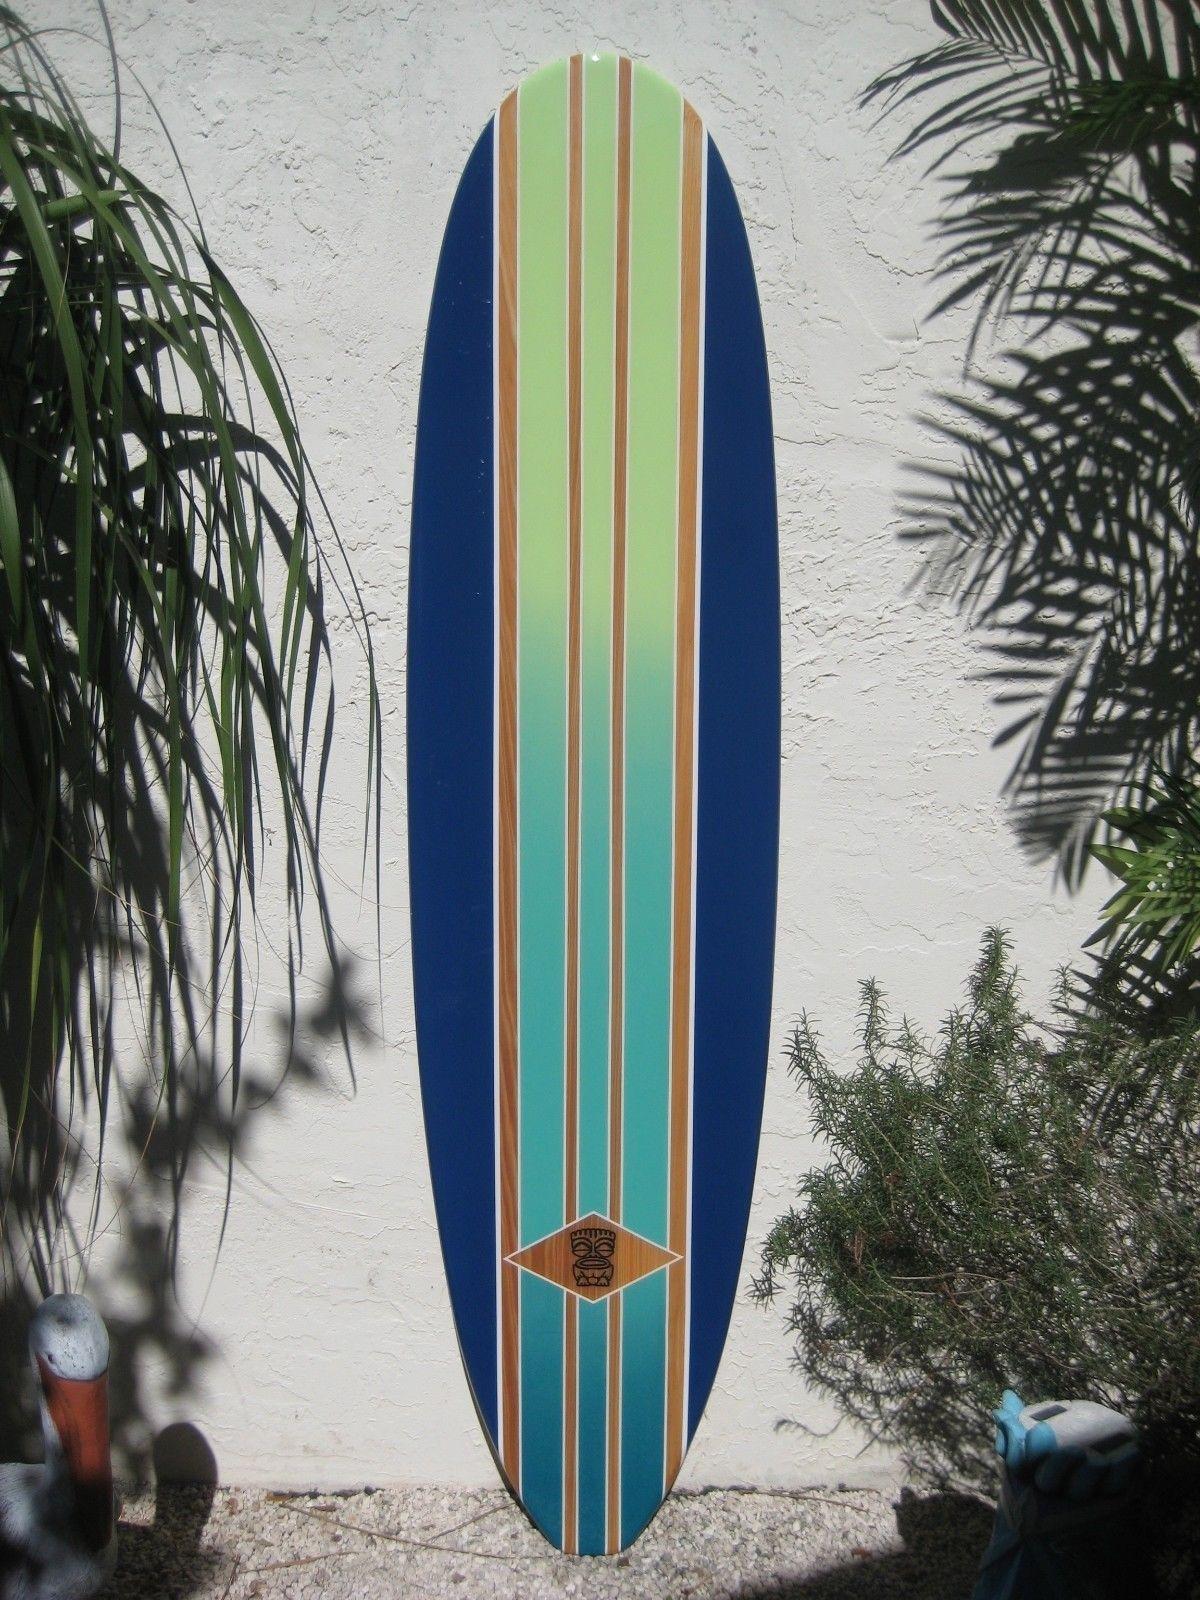 Decorative Wood Surfboard Wall Art Hawaiian Coastal Beach Home Wall With Regard To 2017 Surfboard Wall Art (Gallery 20 of 20)